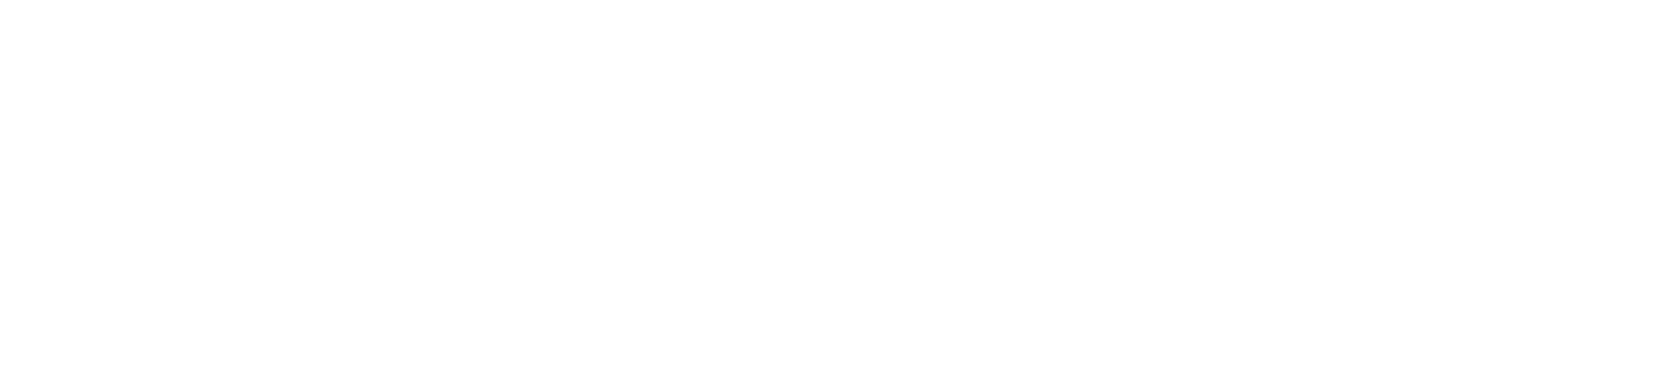 CartonCat